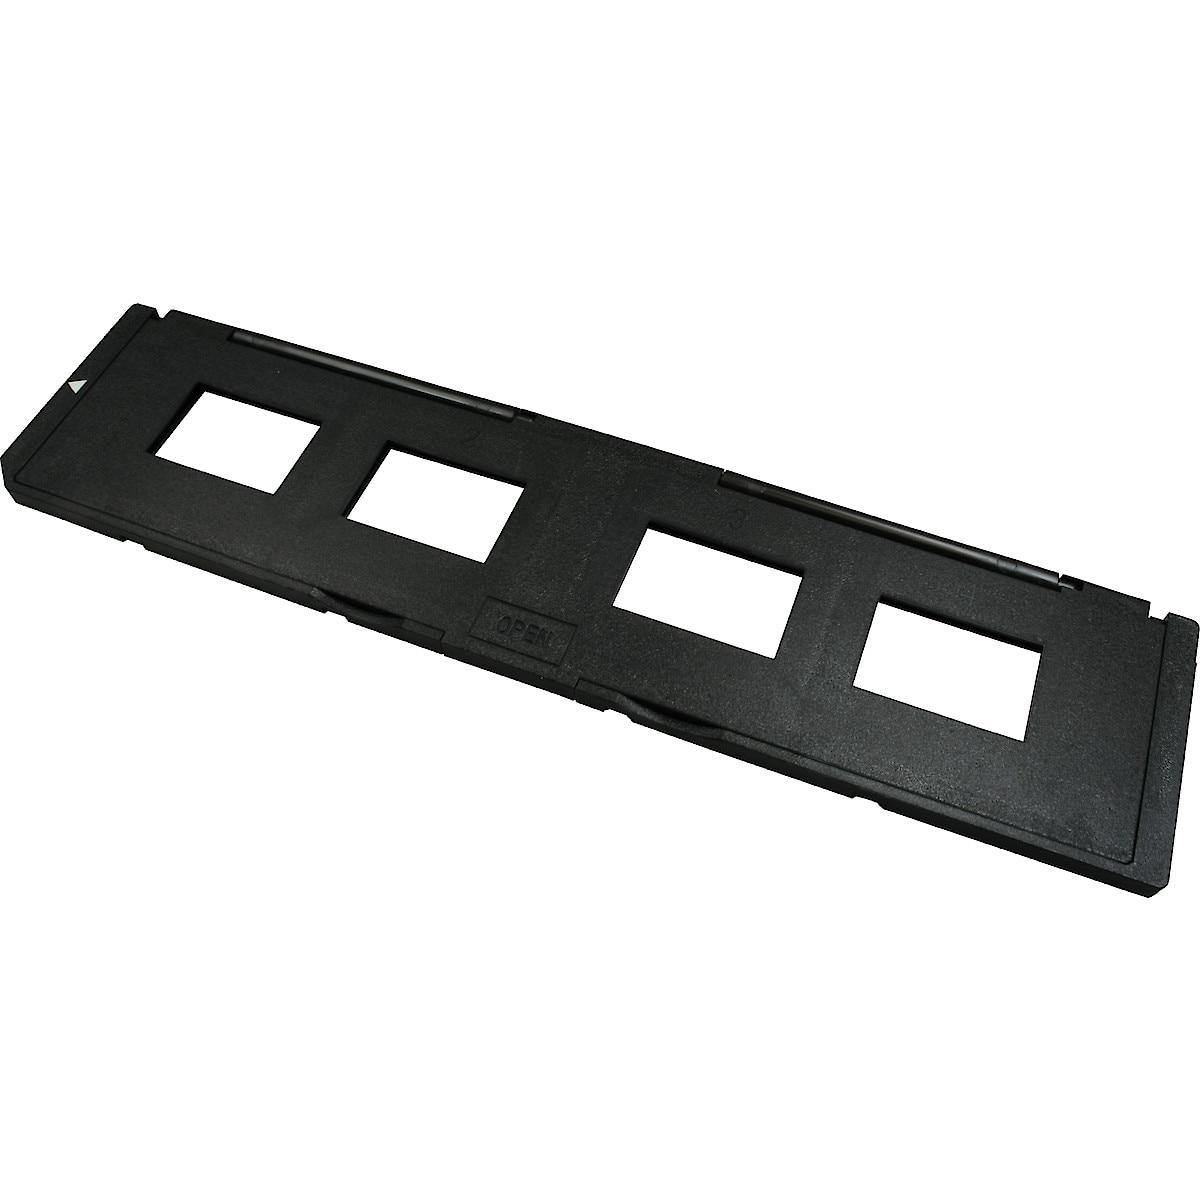 Dia-/negativ- och bildskanner Rollei PDF-S 240